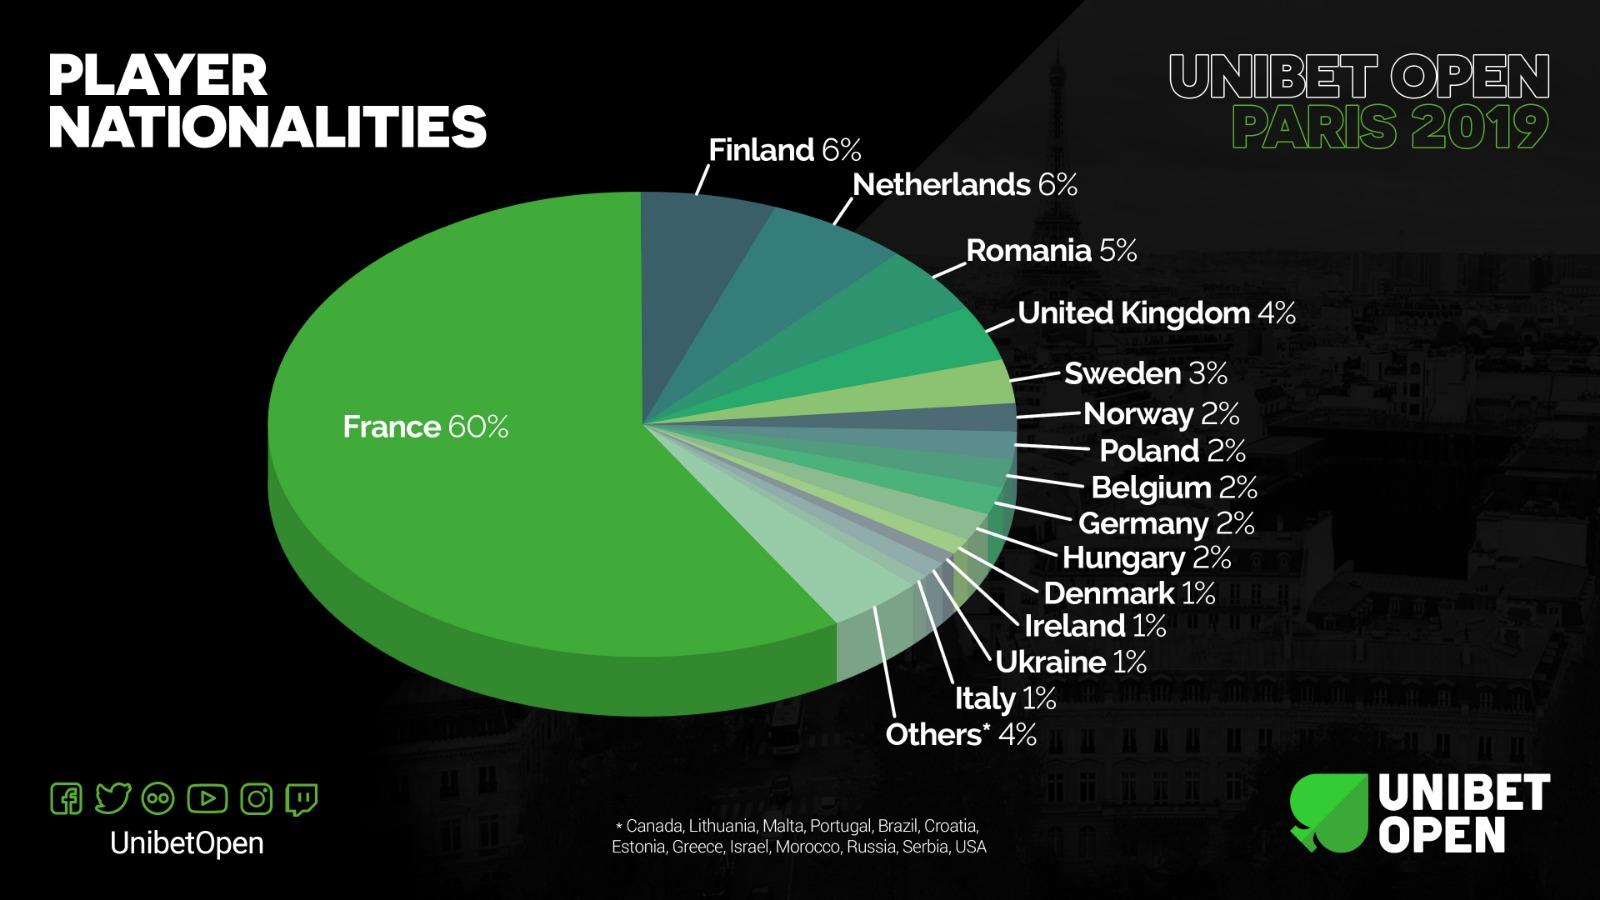 Player Nationalities Unibet Open Paris